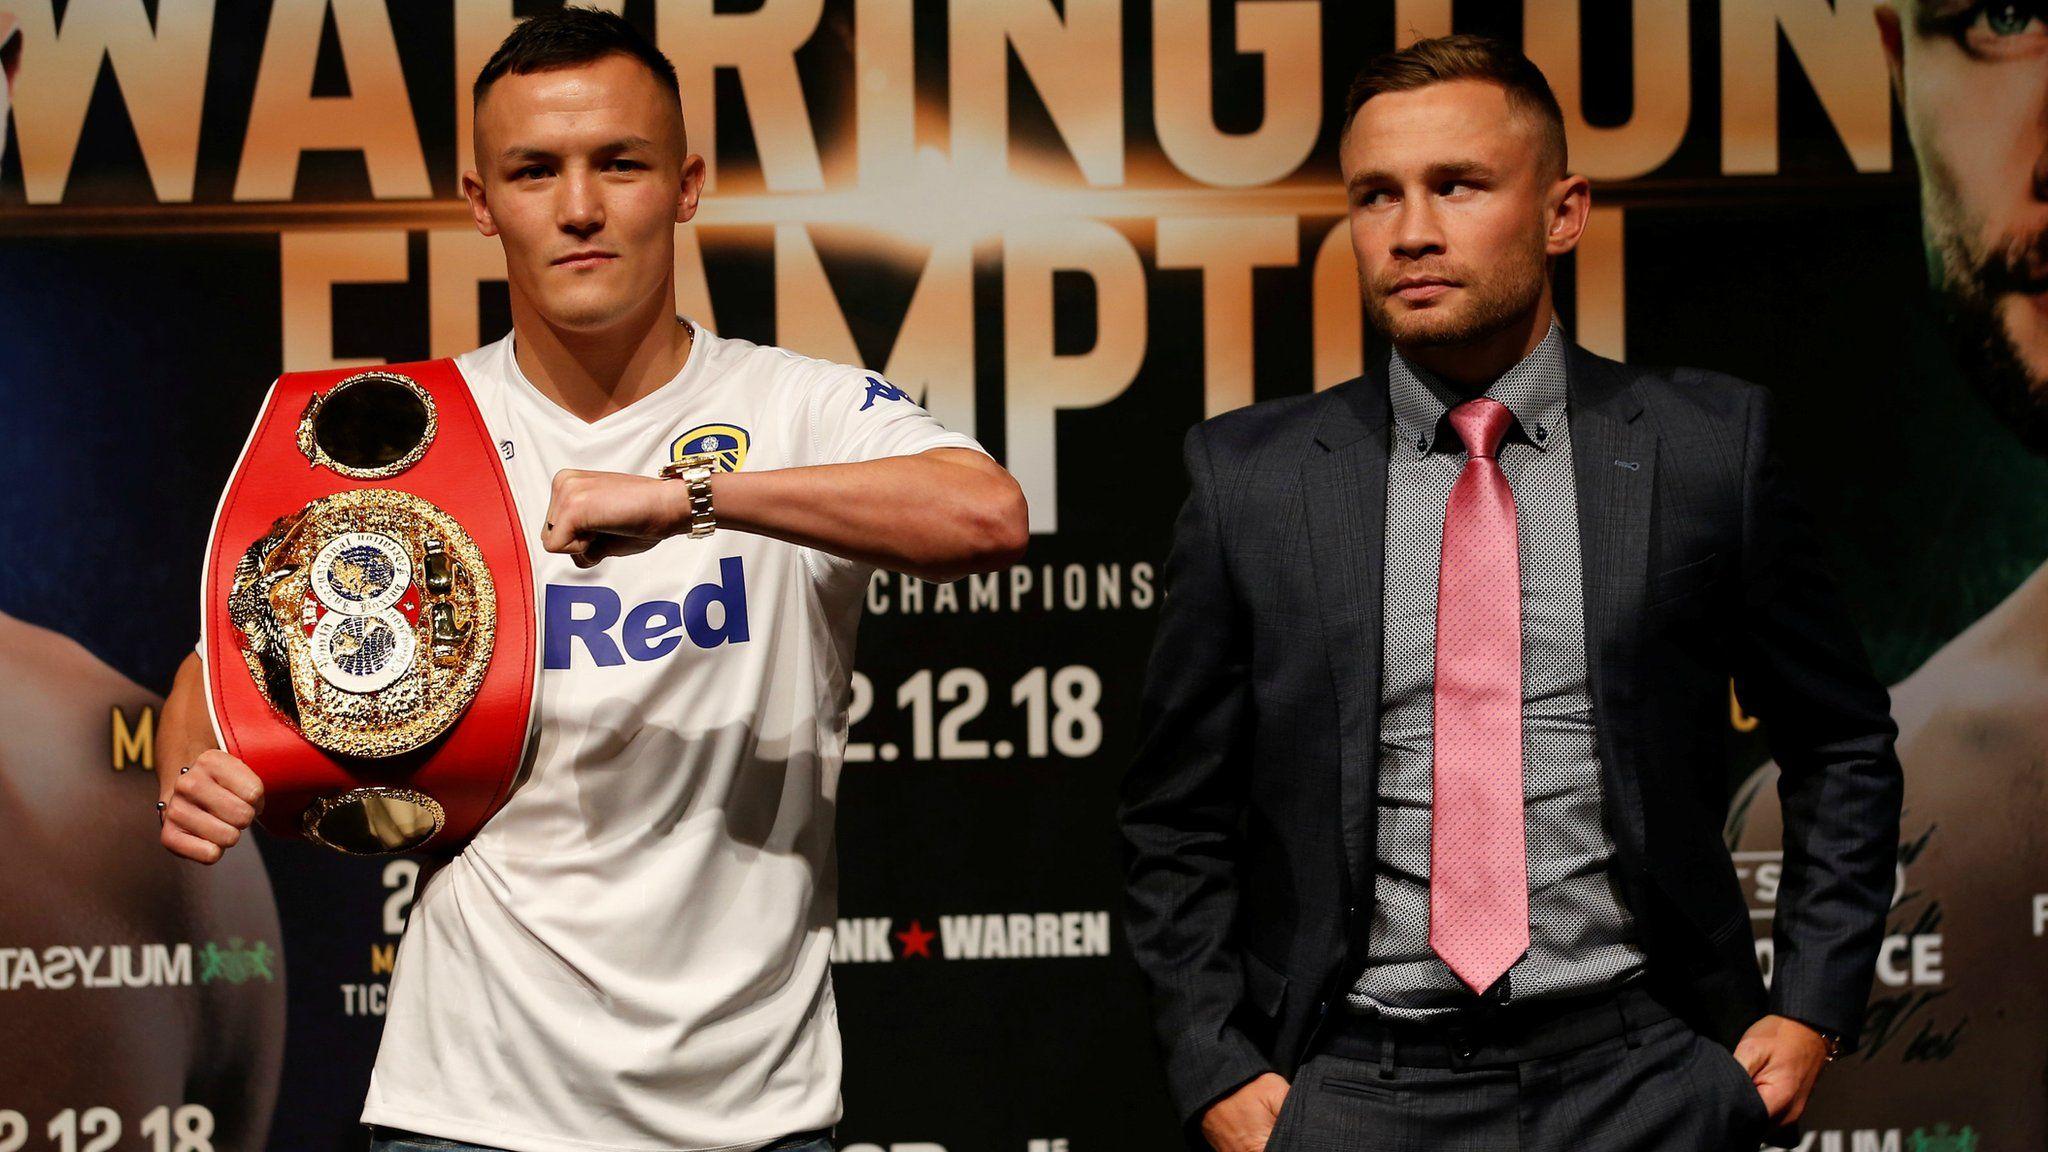 Wilder v Fury rematch? Wilder v Joshua? Joshua v Fury? What